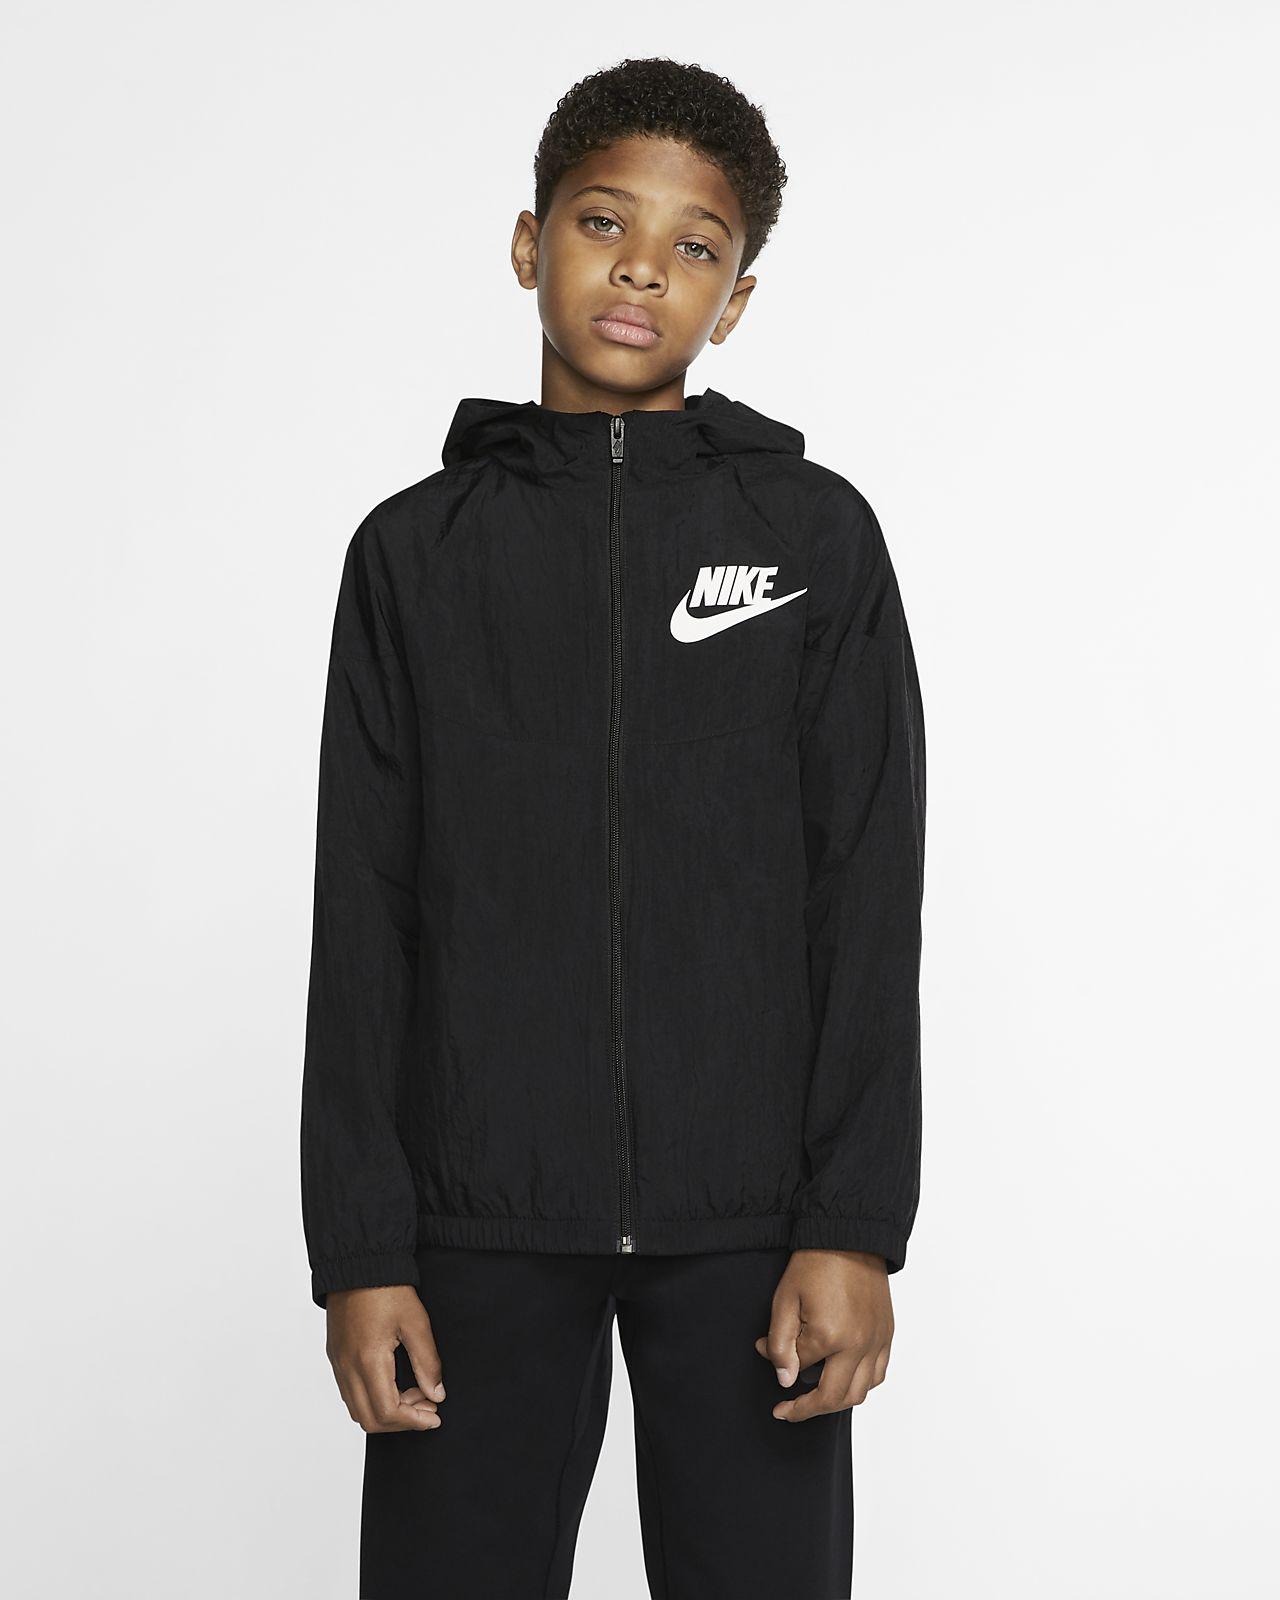 Nike Sportswear Older Kids' Woven Jacket